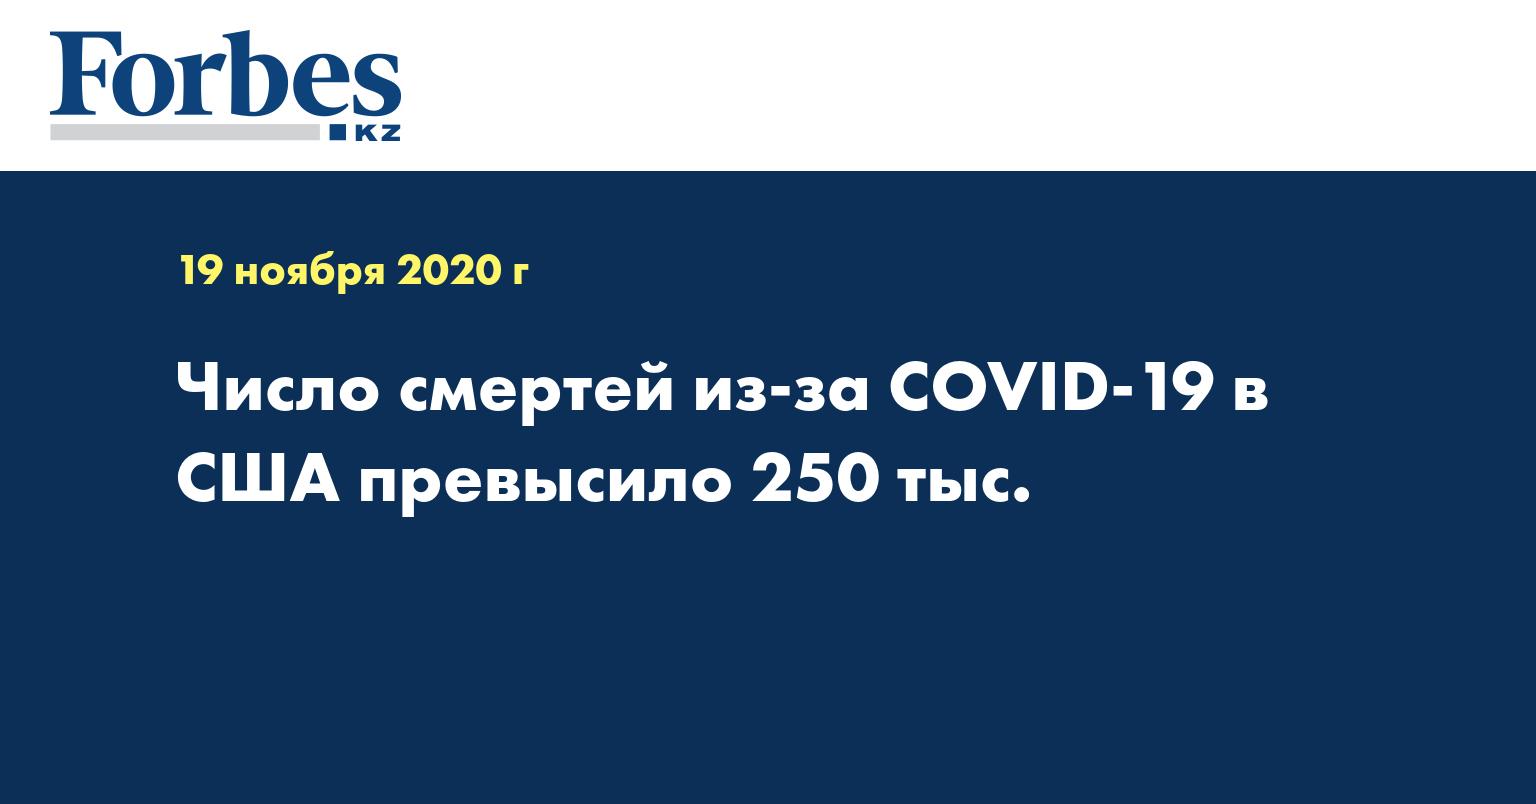 Число смертей из-за COVID-19 в США превысило 250 тыс.